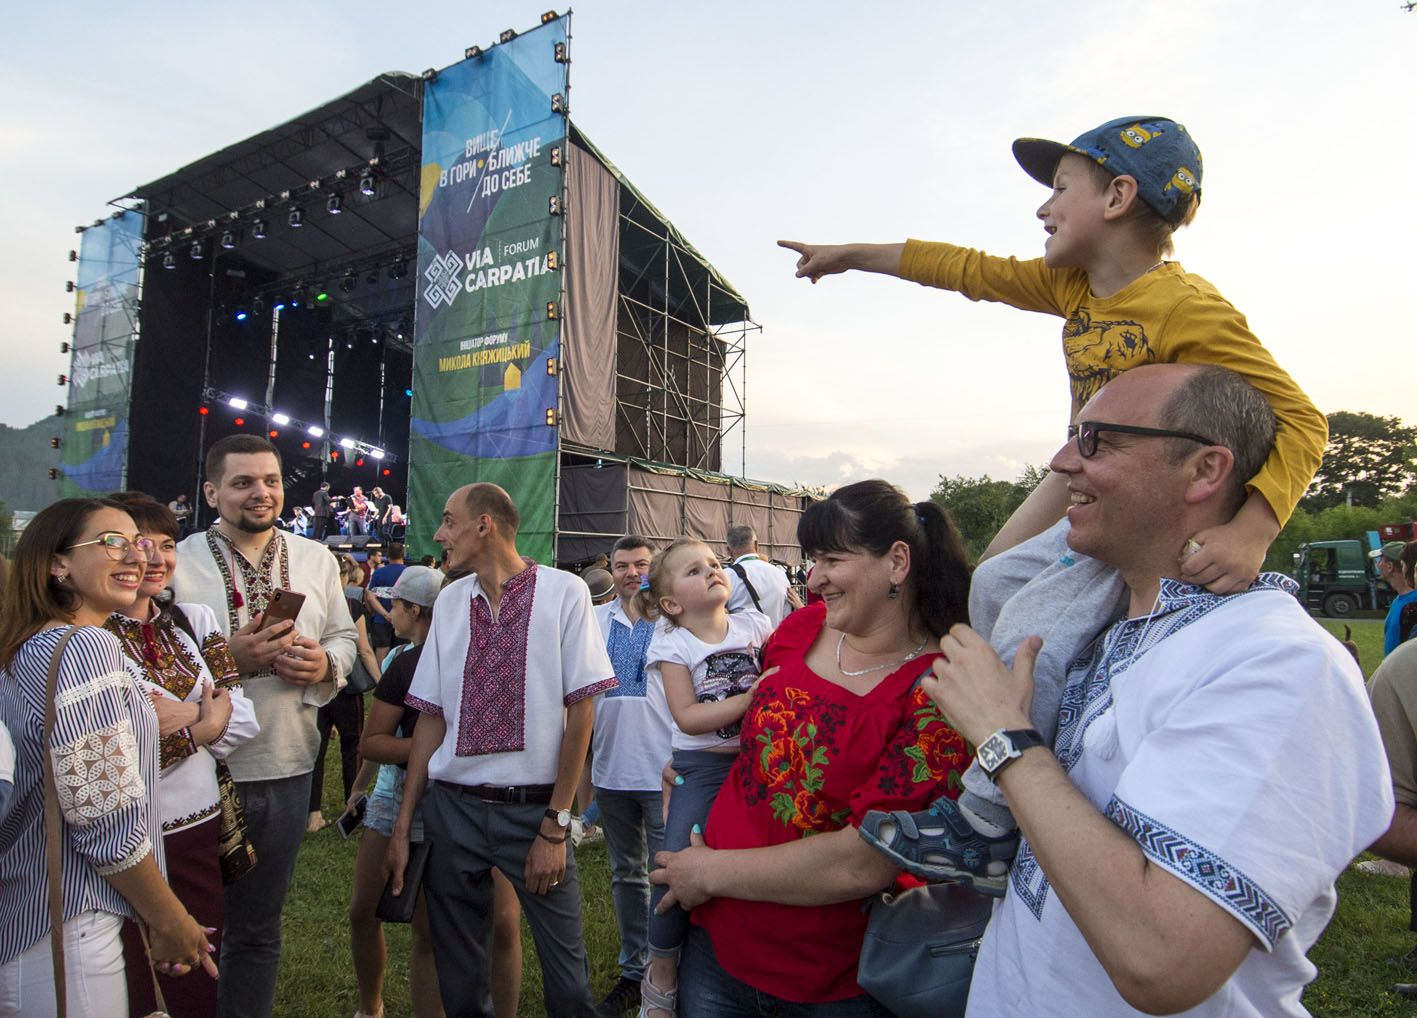 Андрій Парубій: «Ключові етапи розвитку України — збереження національної ідентичності, вступ до ЄС і НАТО»